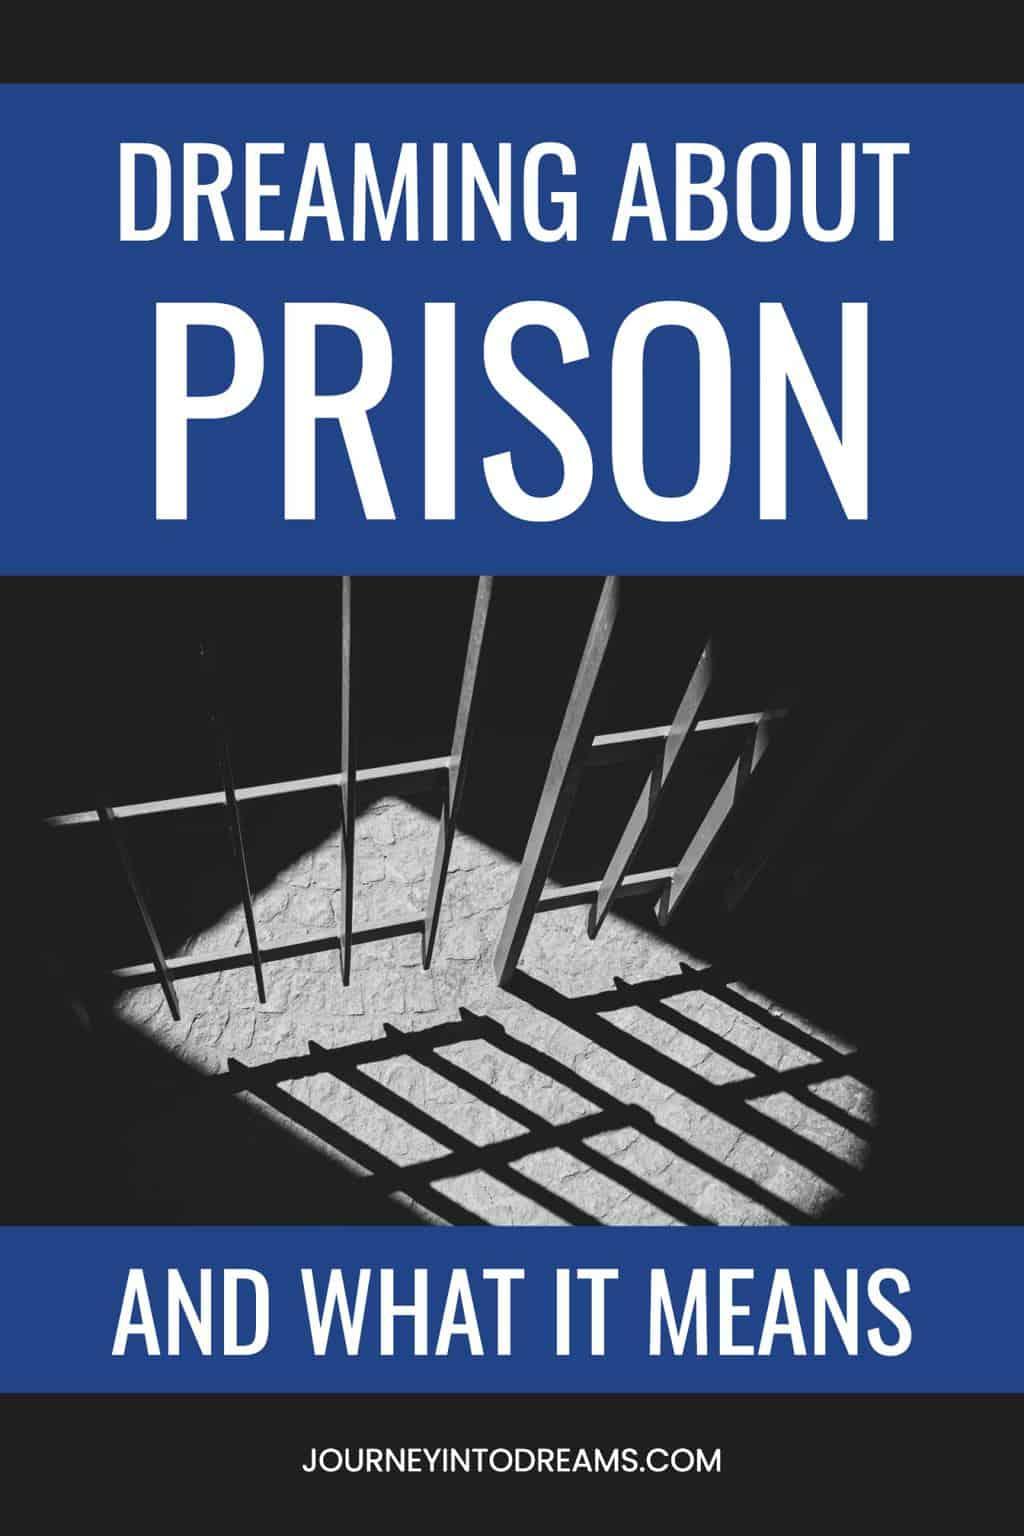 Dream About Prison